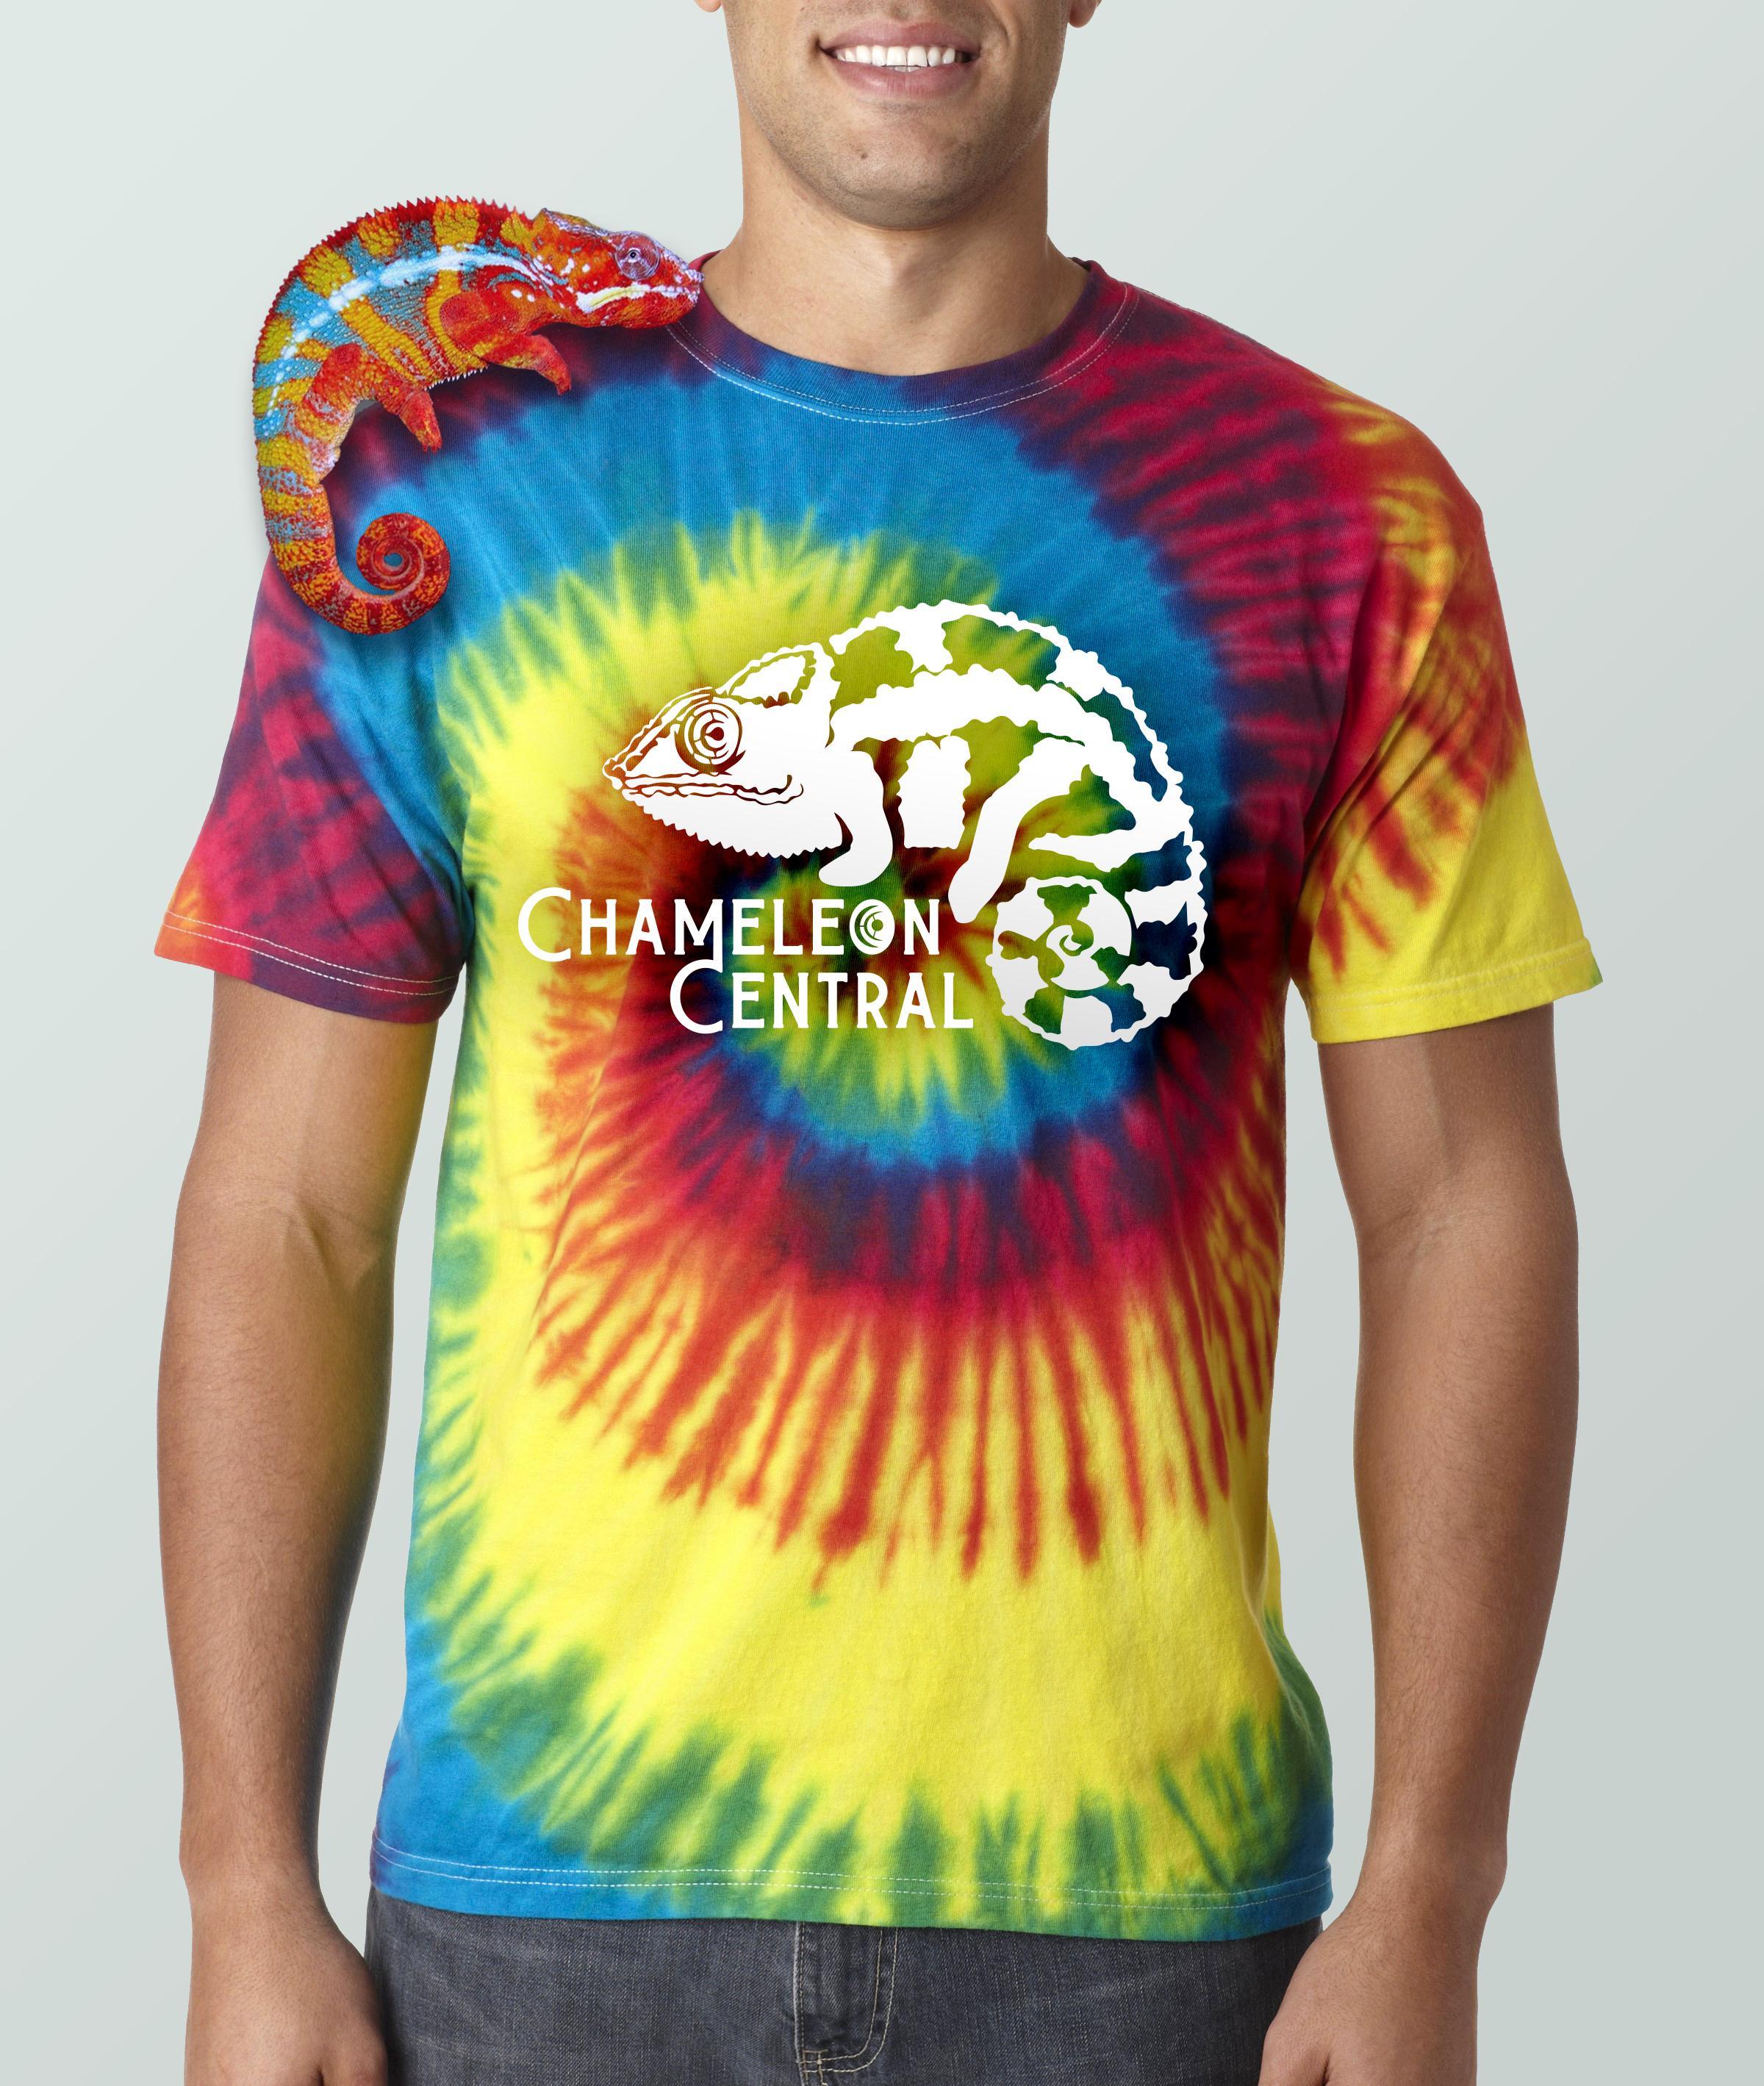 Chameleon Central Tie Dye Shirt